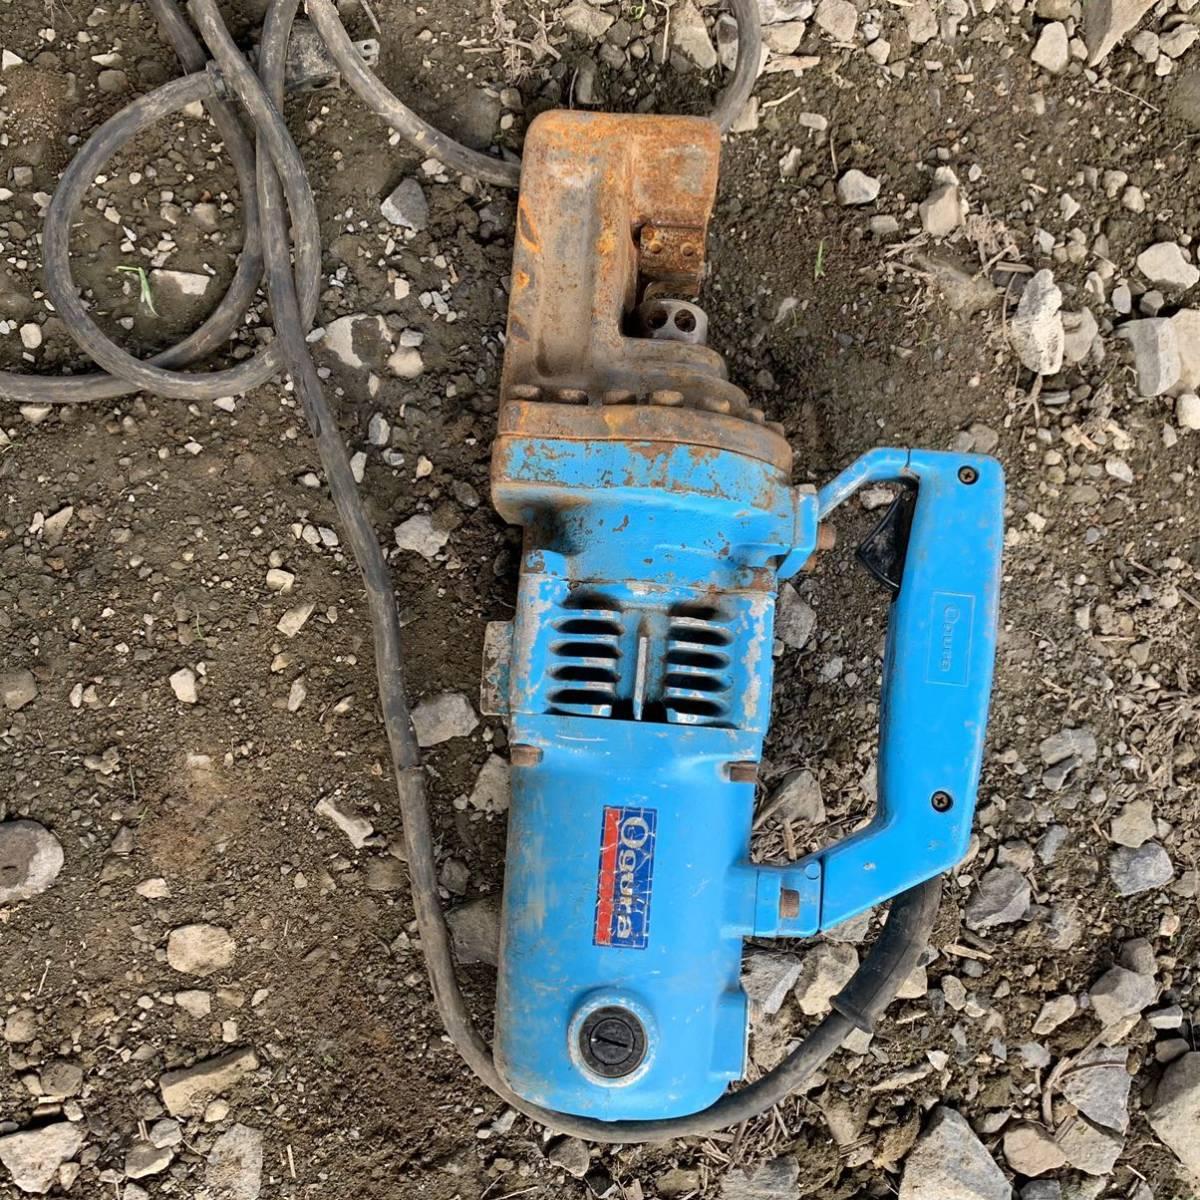 1.電動油圧式鉄筋カッター オグラ HBC-19 確認済み 動画あり 一円スタート